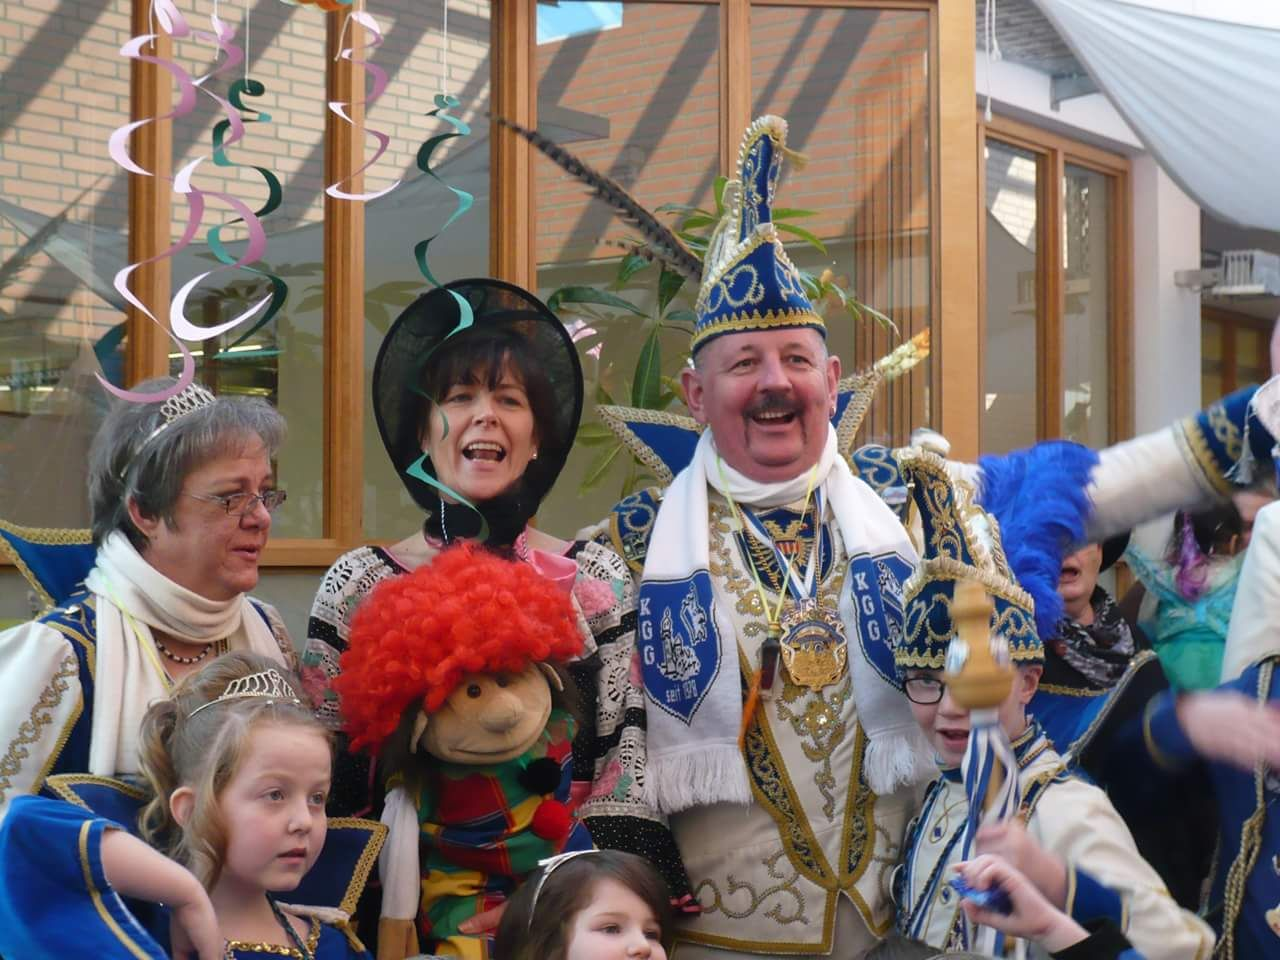 Helau! Viele Grüße von Henry vom Karnevalszug! Er hatte mit der Karnevalsgesellschaft Blau-Weiss-Gemen und den Kindern der DRK-Kita Regenbogen einen großartigen Tag! Hoffentlich hat er nicht zu viele Süßigkeiten gerochen :)